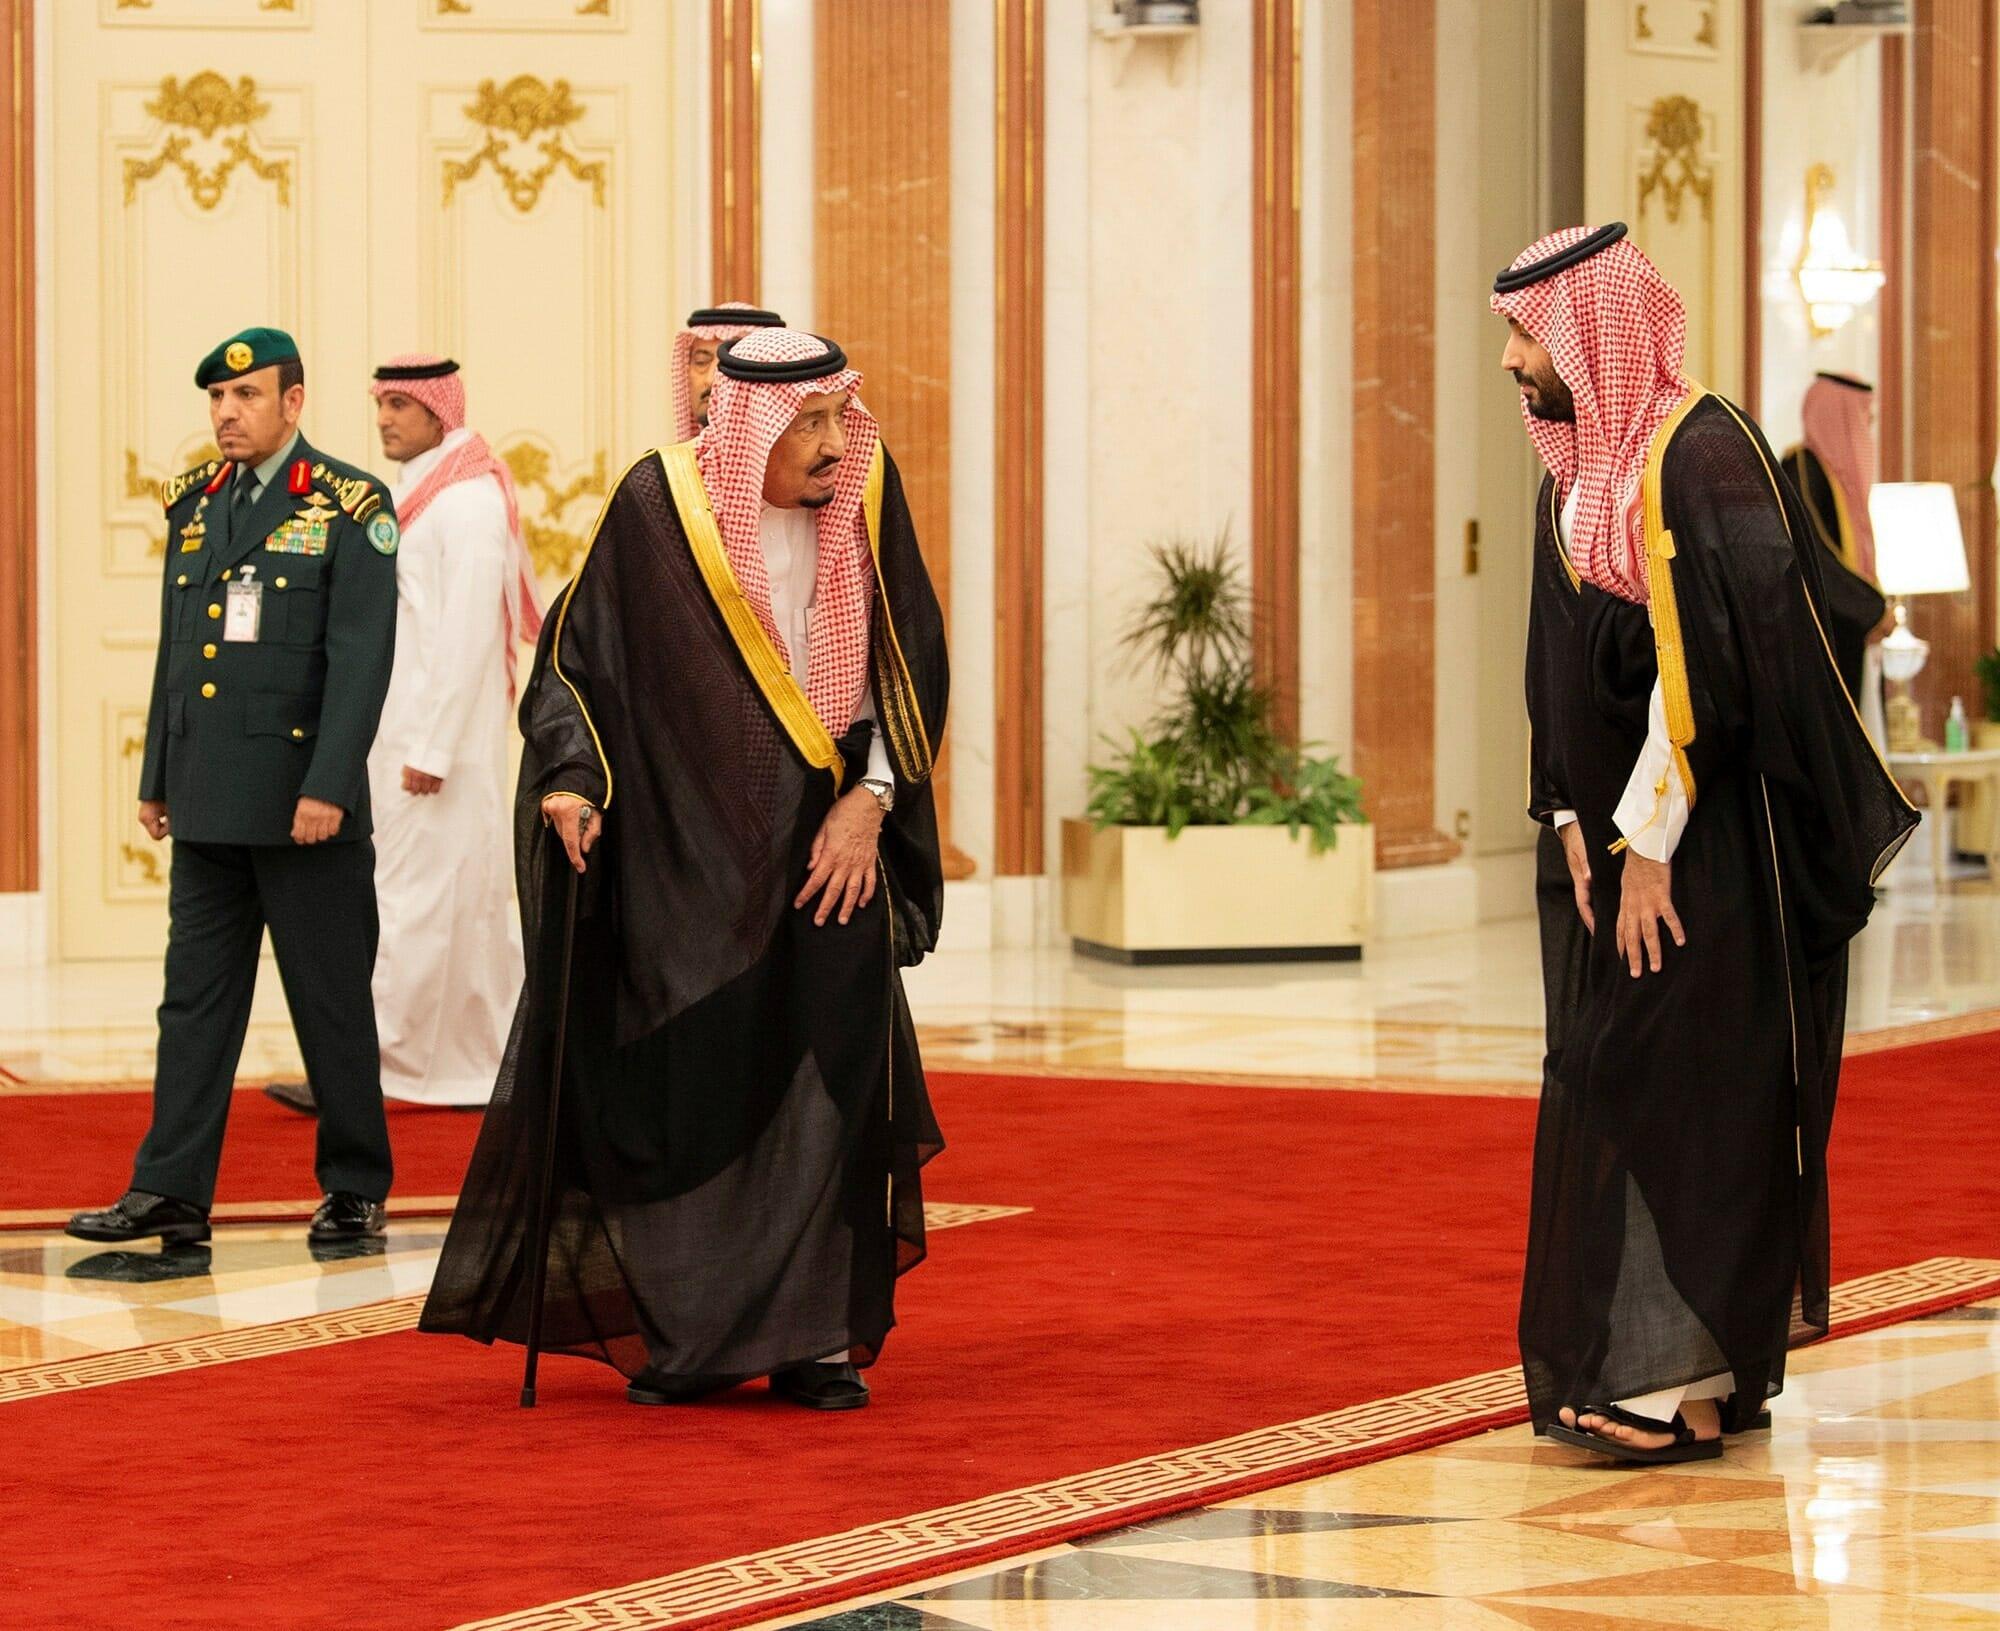 مجلس حكم محلي للإطاحة بحكم محمد بن سلمان